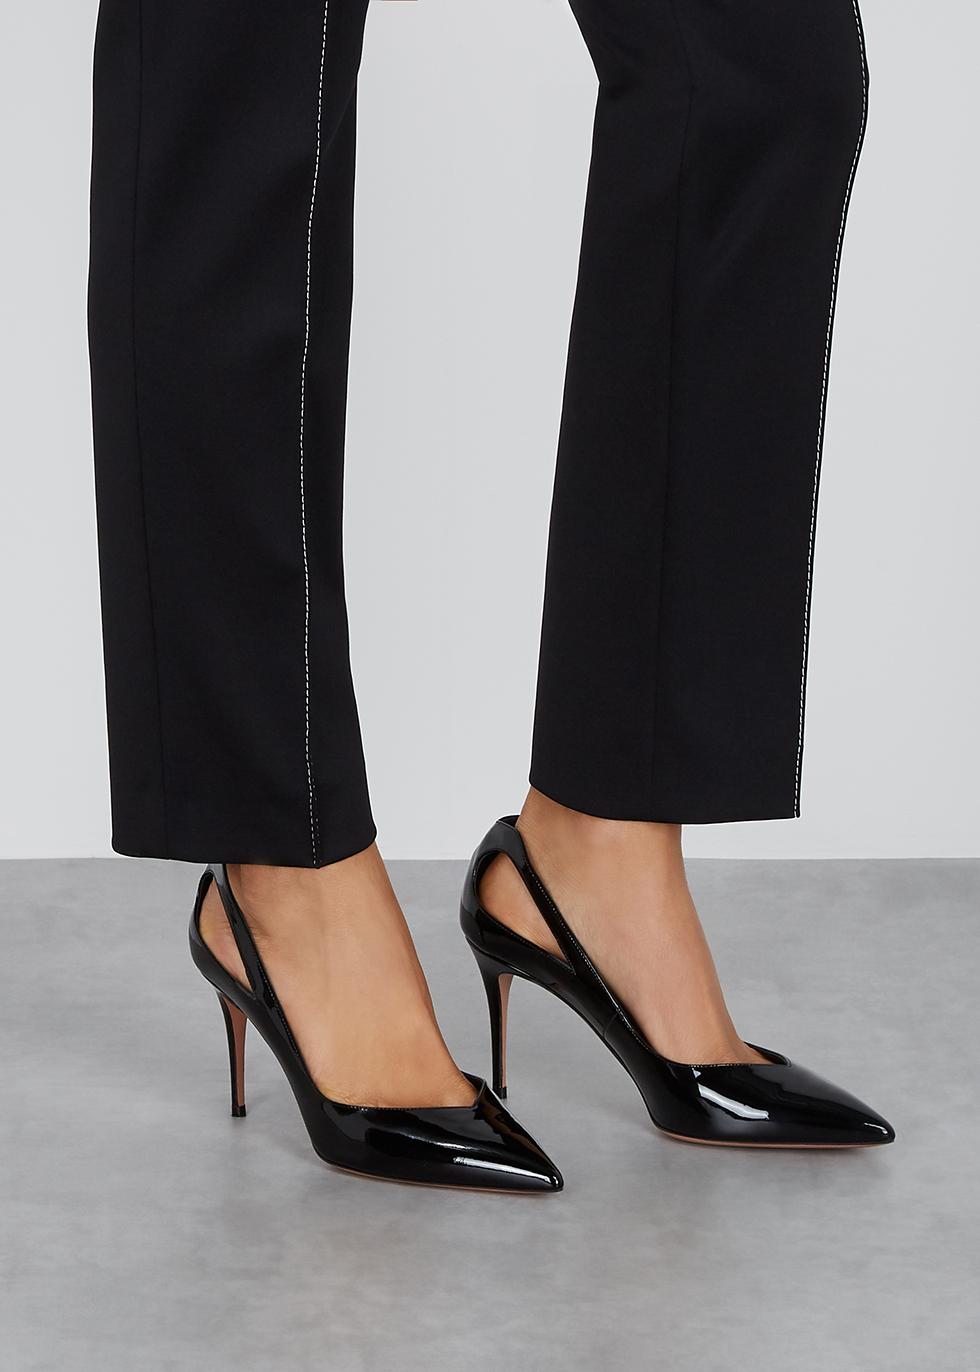 ee23b0076ef Women s Designer Pumps - Leather